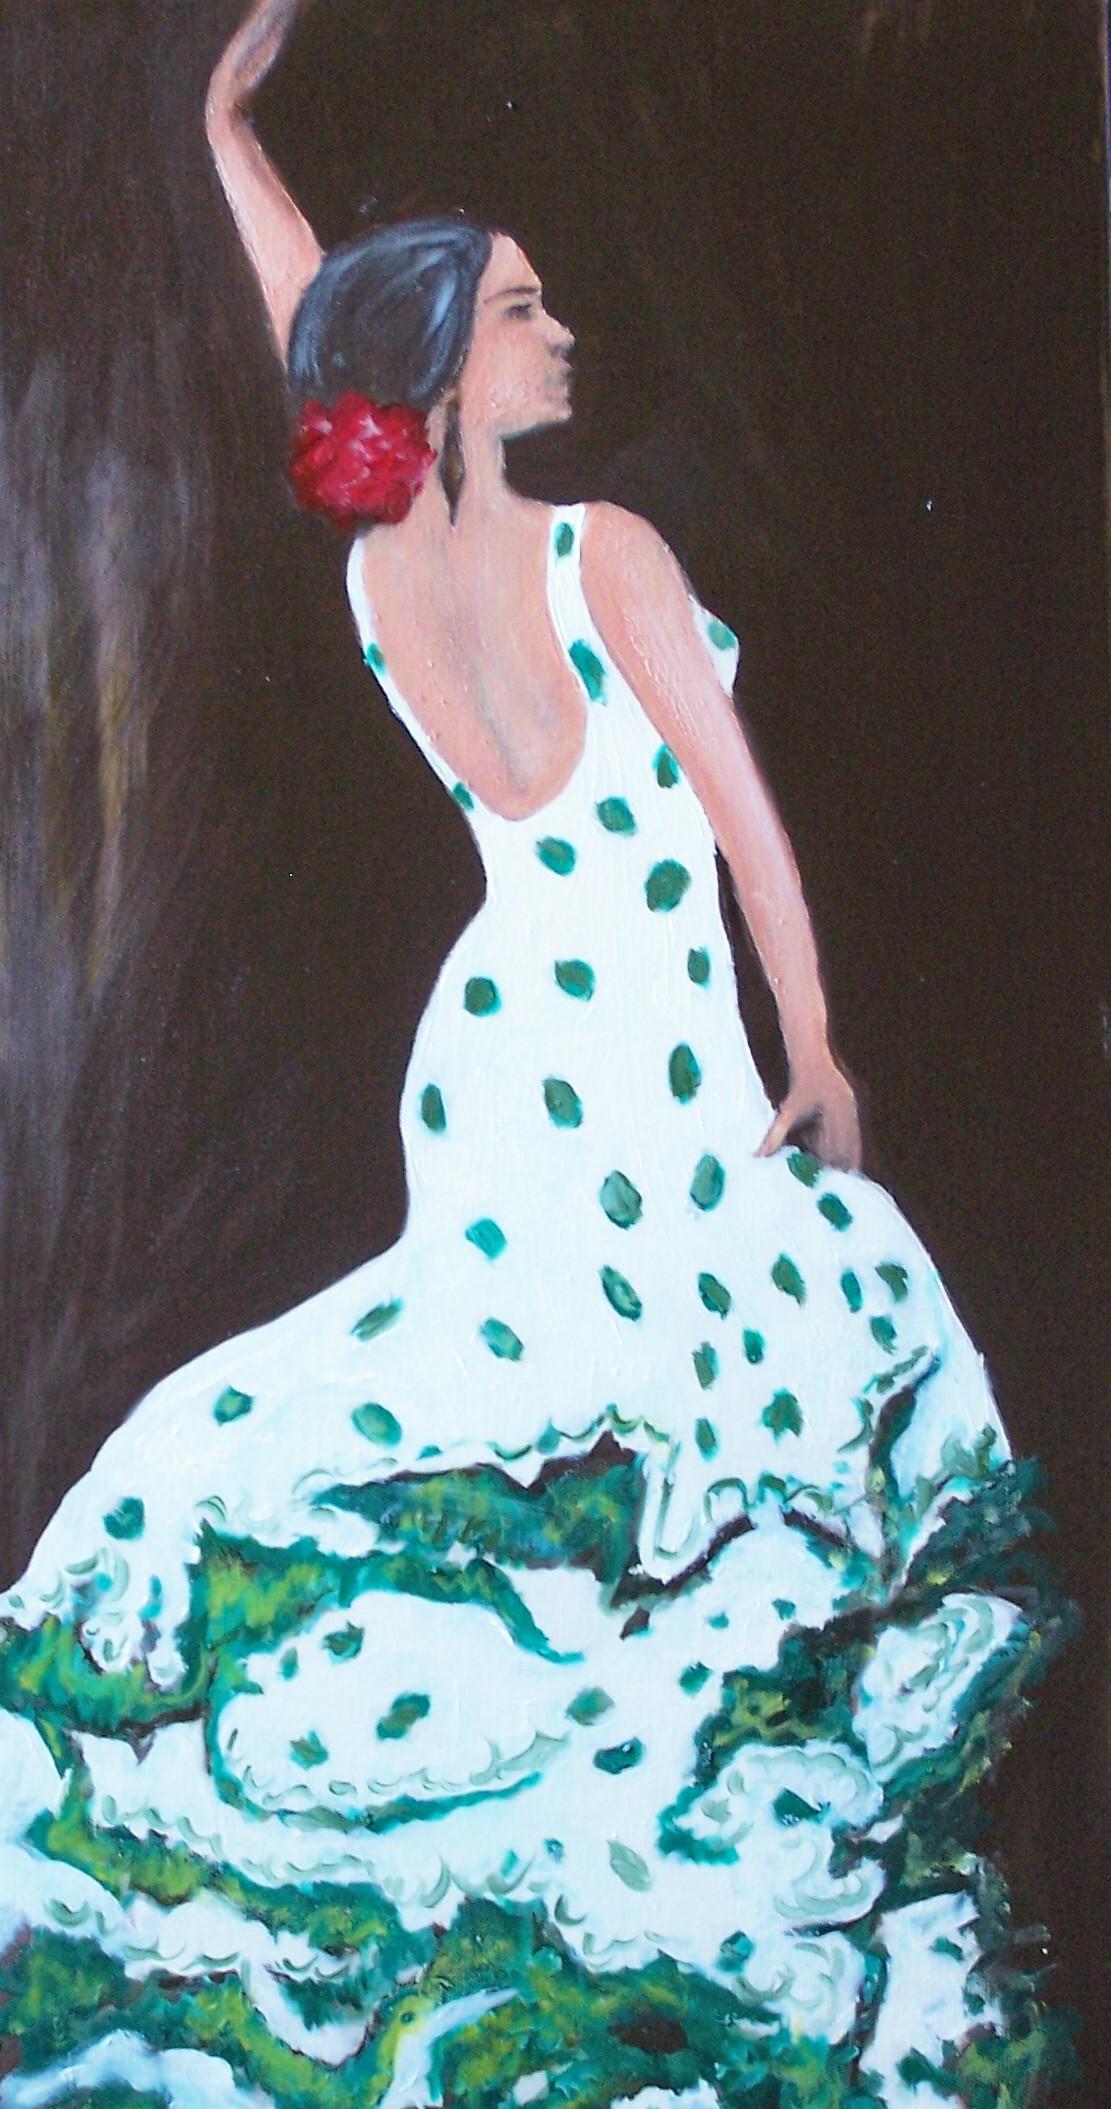 flamenco dancer, 12x24, 2008